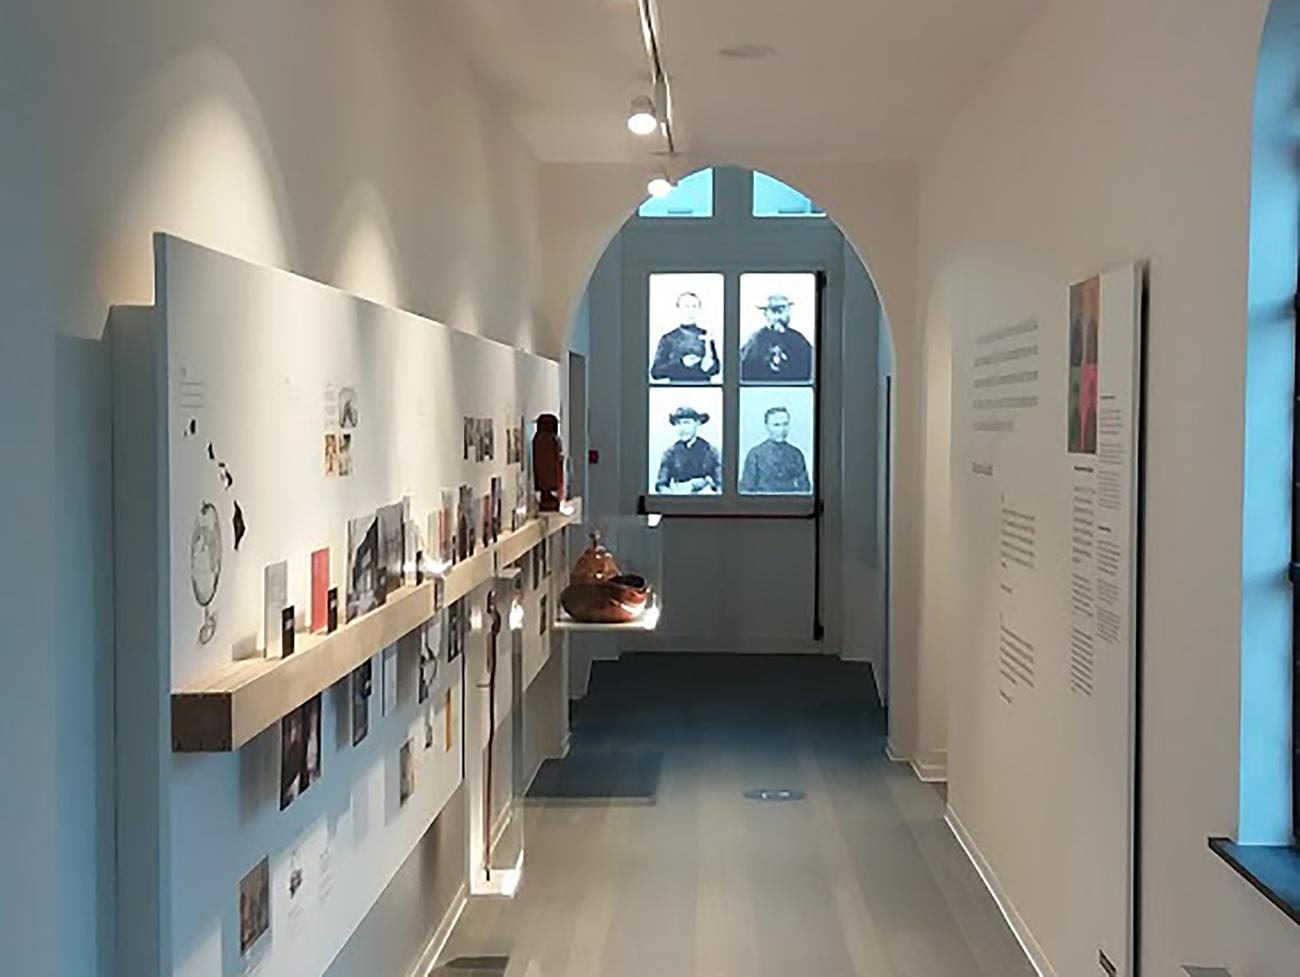 Damiaanmuseum02_1300x975